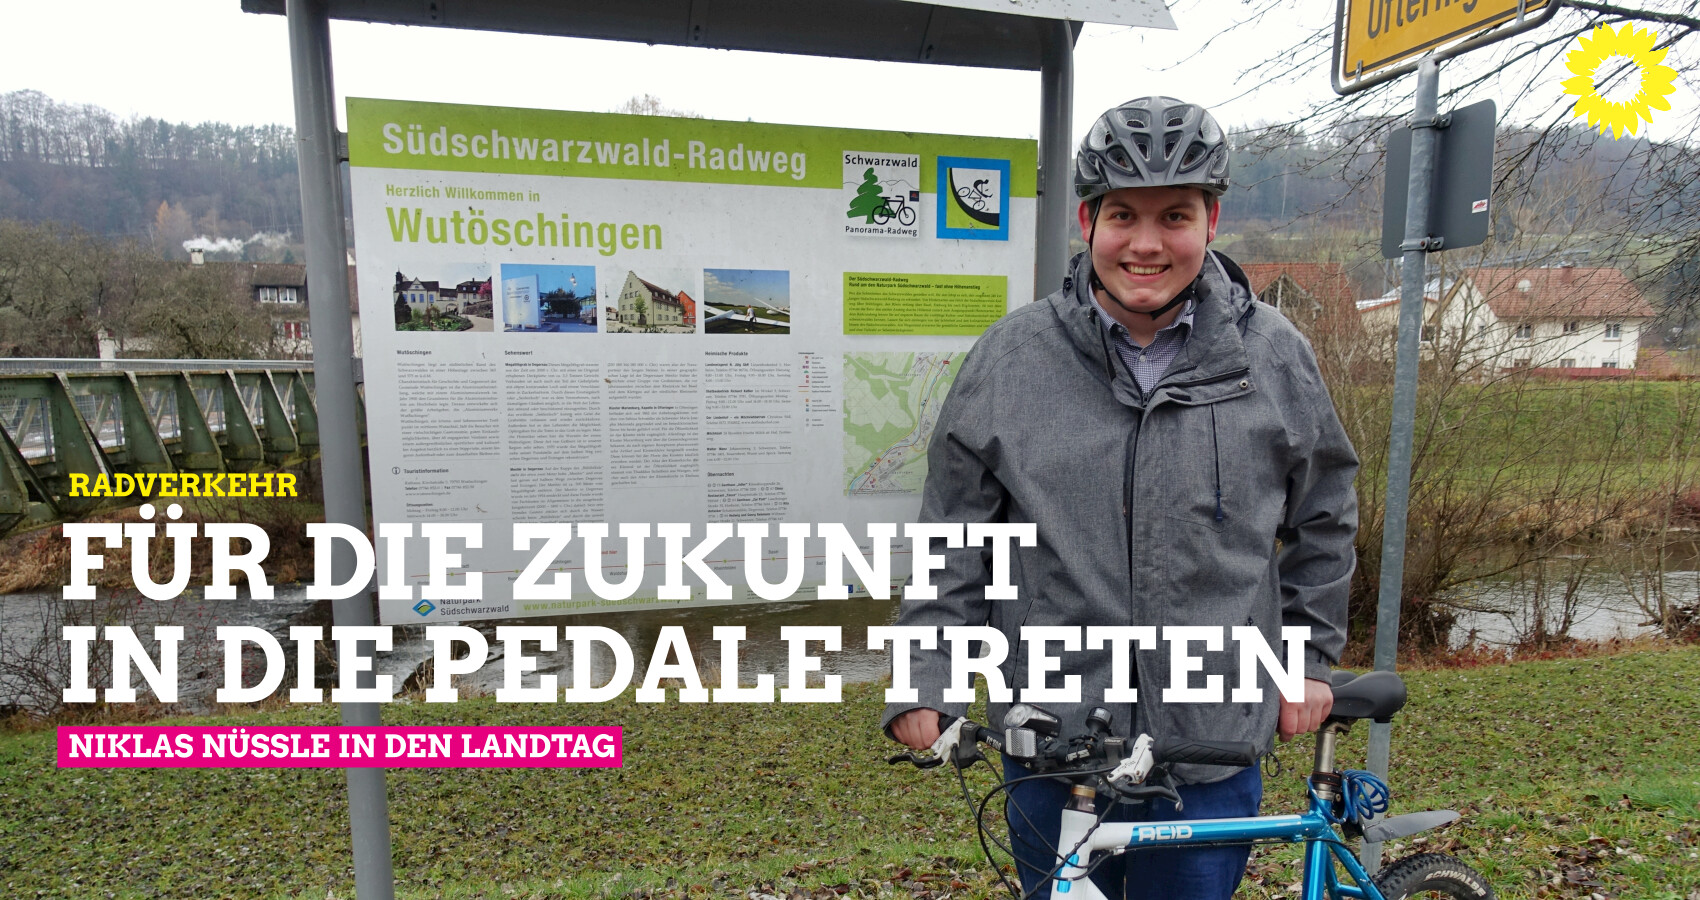 Radverkehr: Für die Zukunft in die Pedale treten